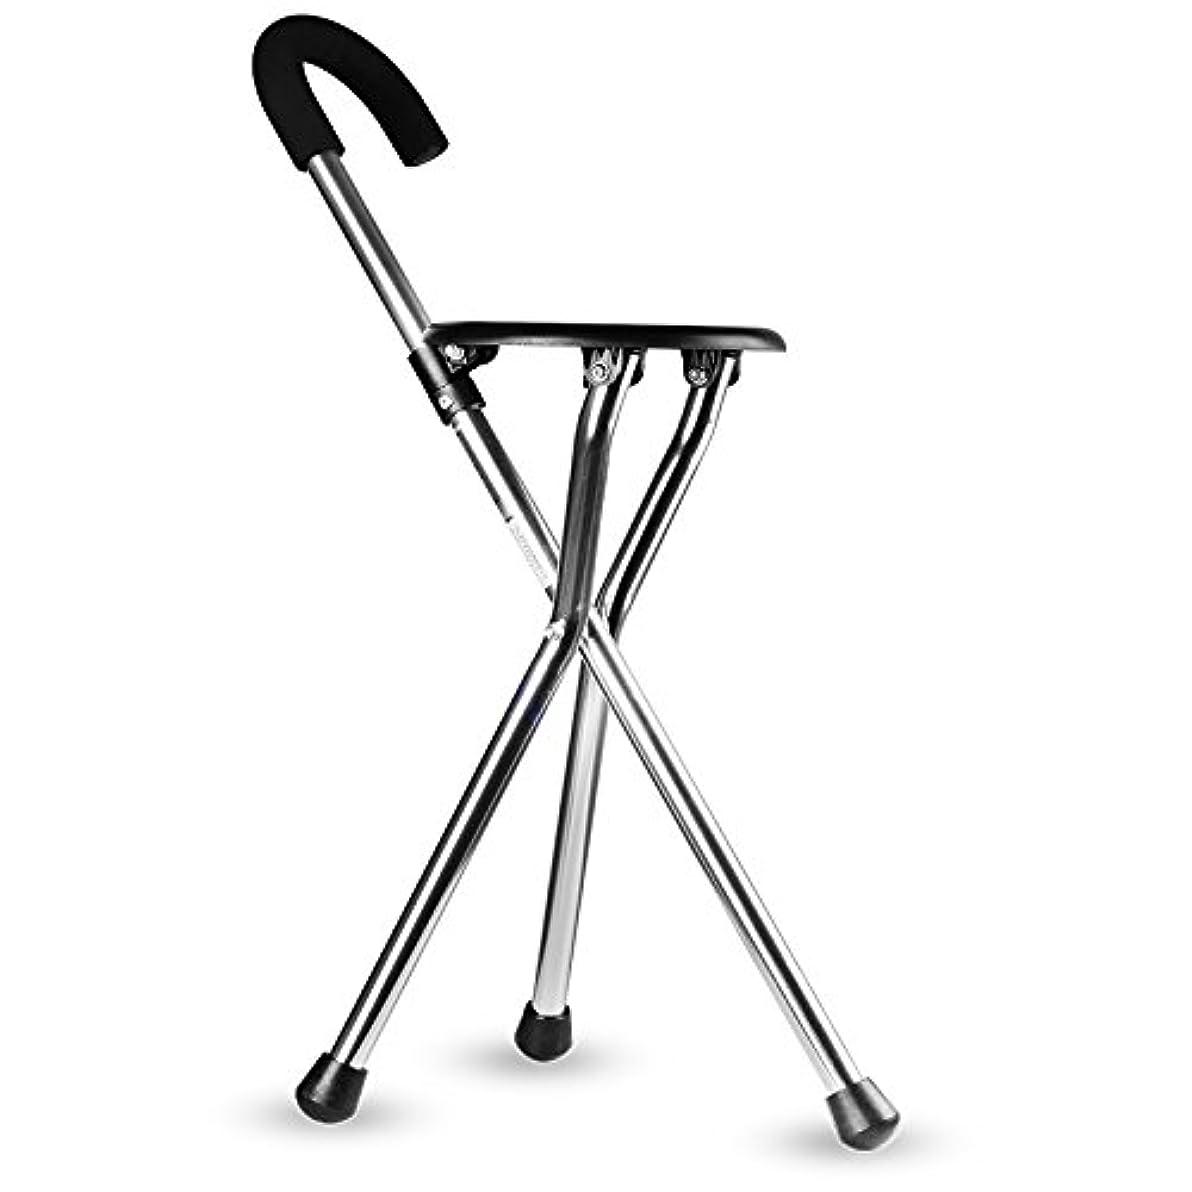 はっきりしない電圧測る老人の杖スツール多機能ポータブル折りたたみ軽量ノンスリップアルミ合金ウォーキングスティックチェア,Black